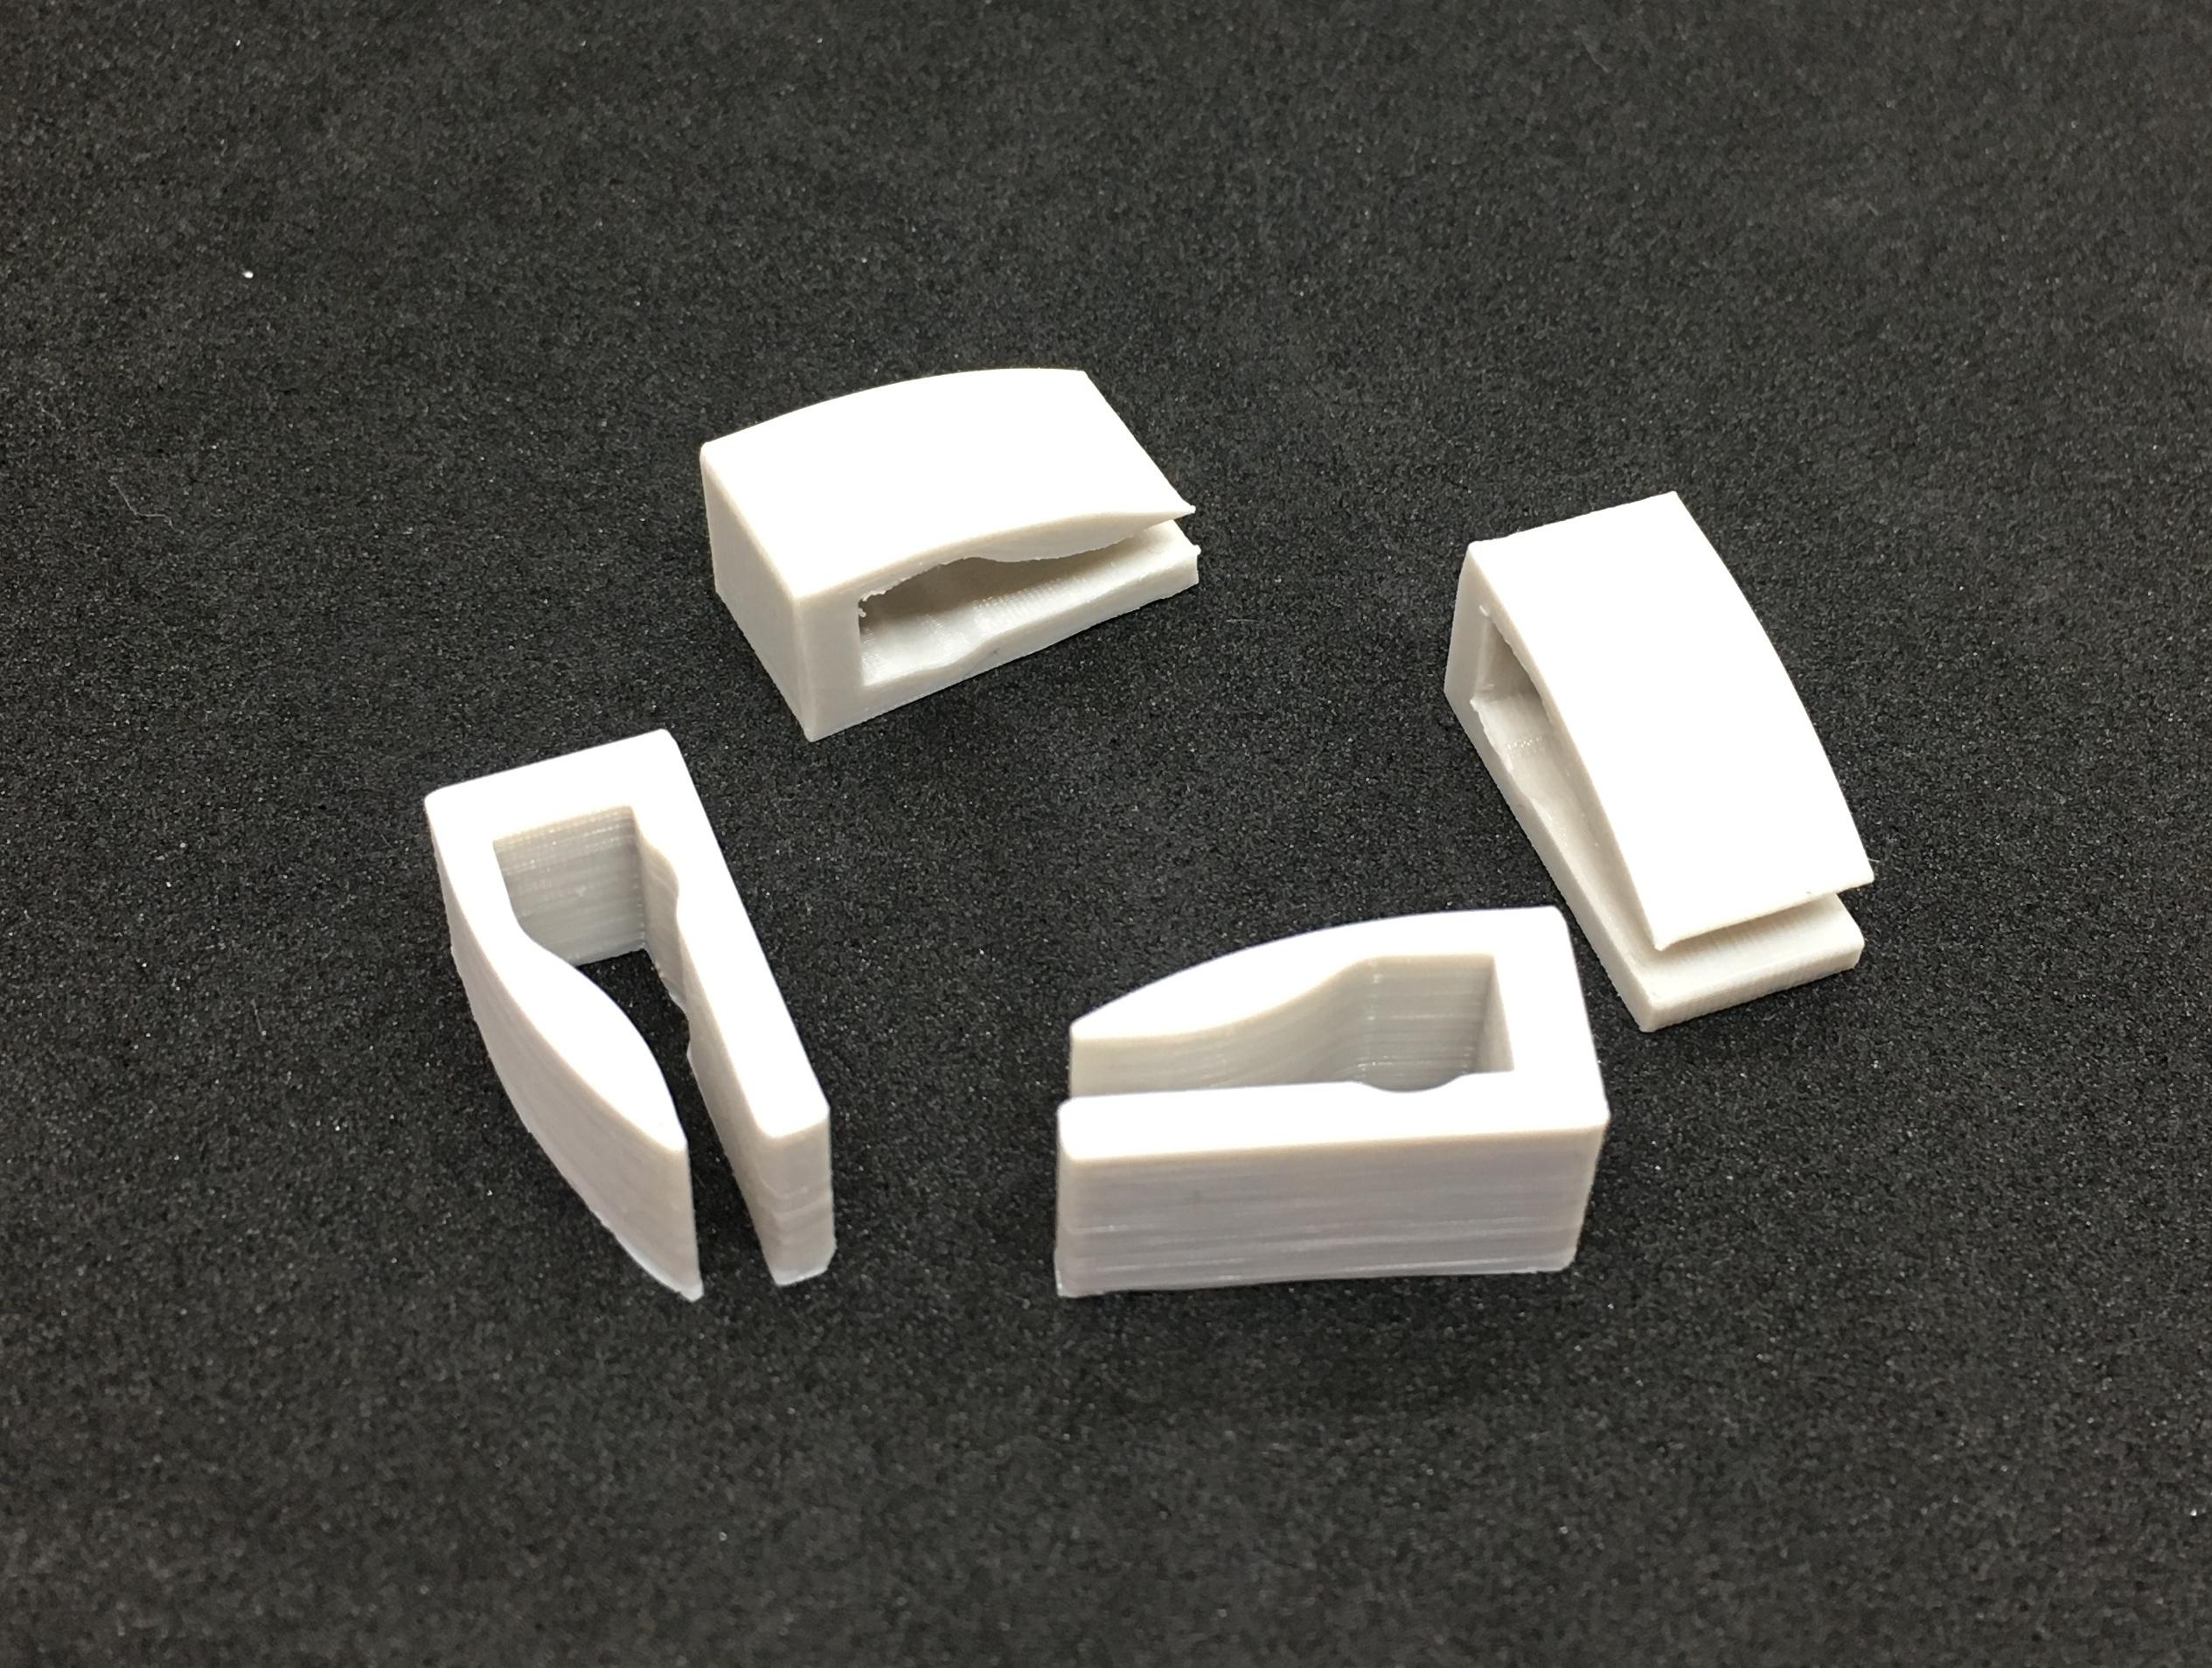 led_strips_paper_clips.jpg